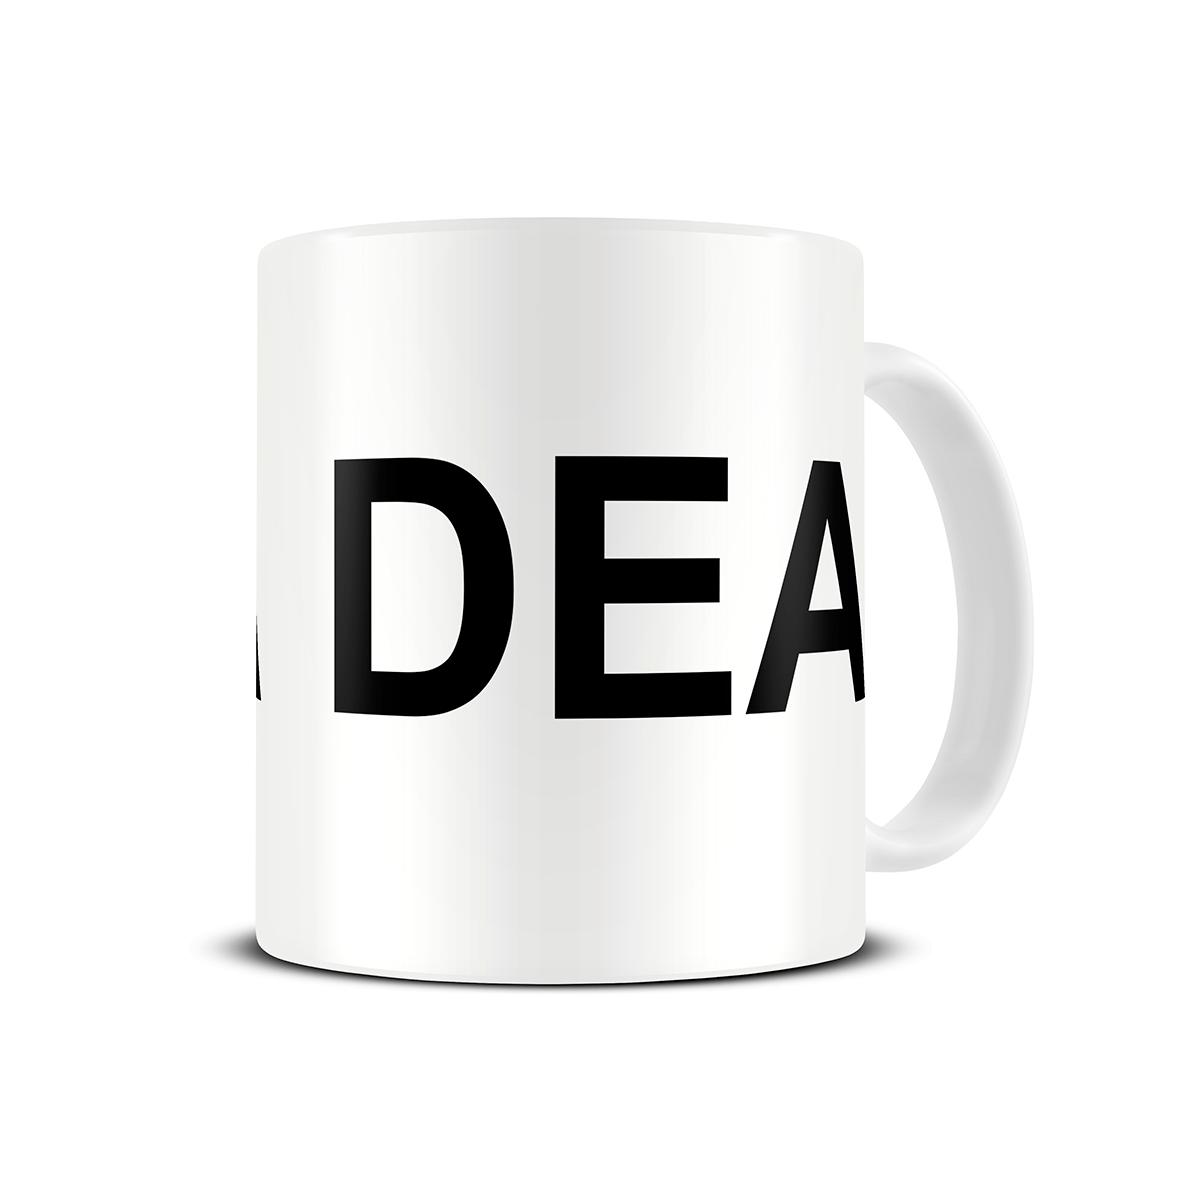 DEA-mug-breaking-bad-fan-gift